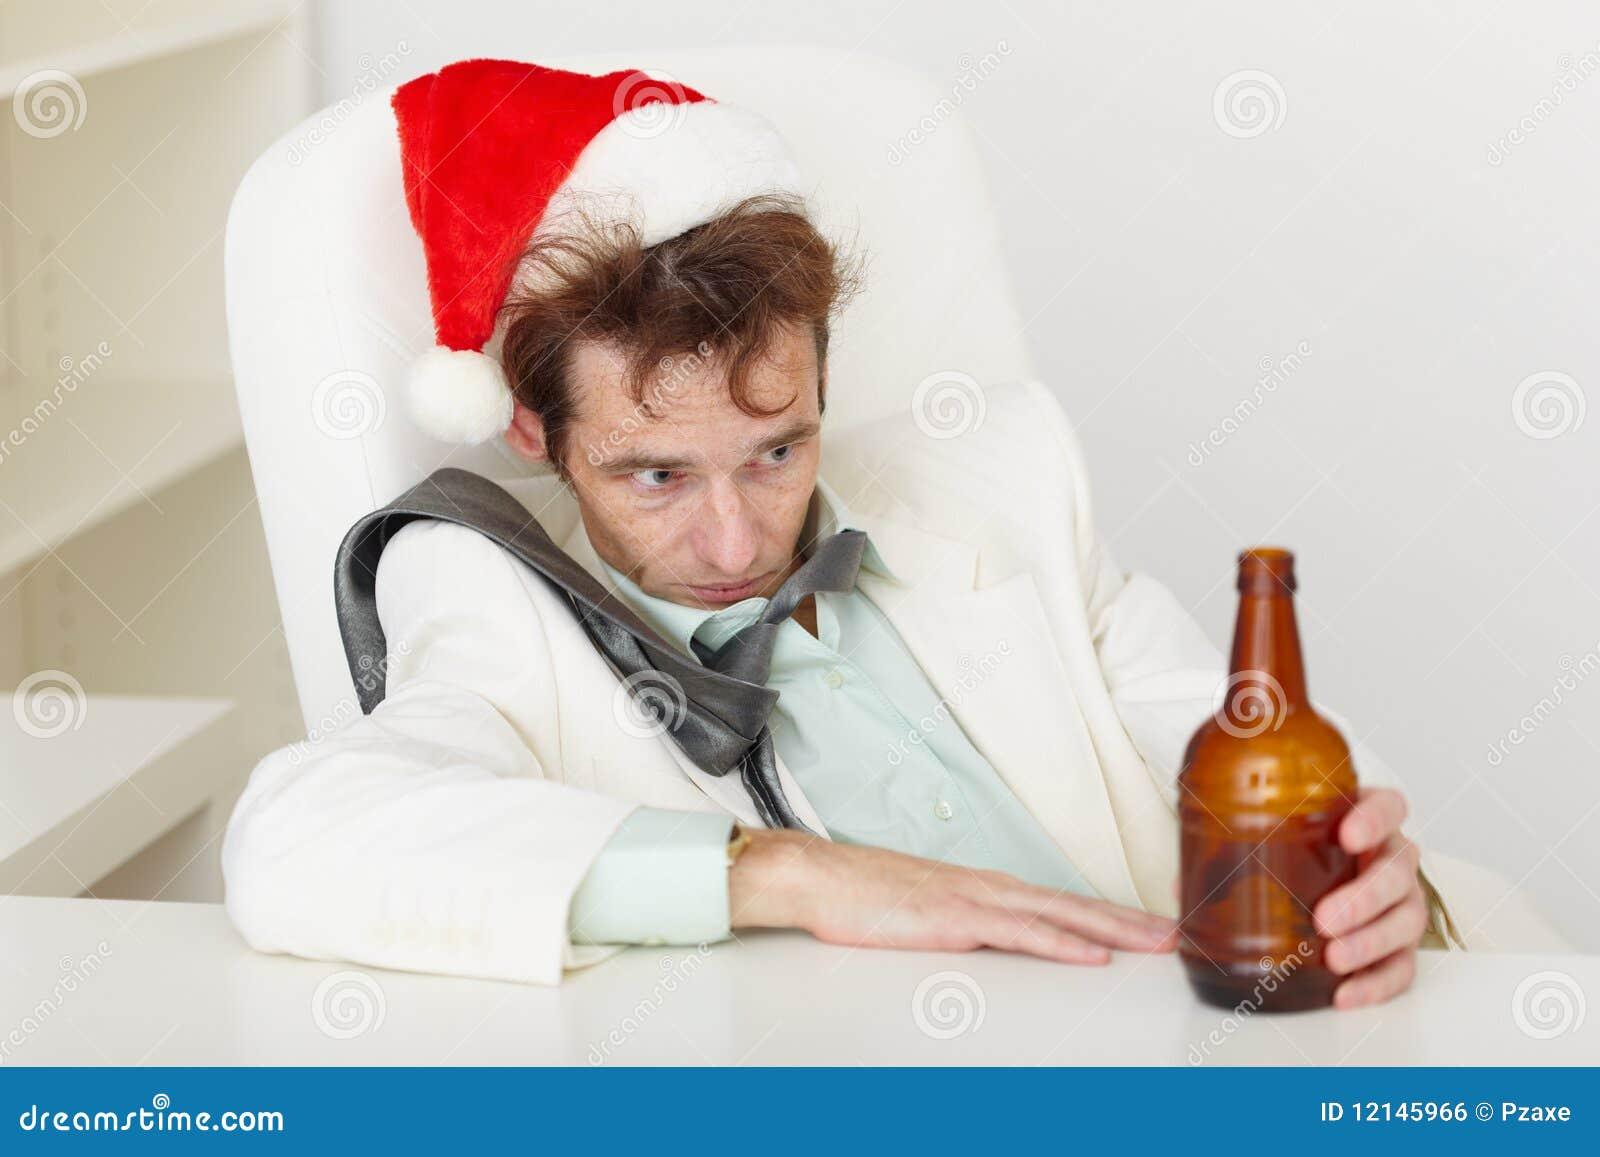 Cura di alcolismo risposte di Belgorod